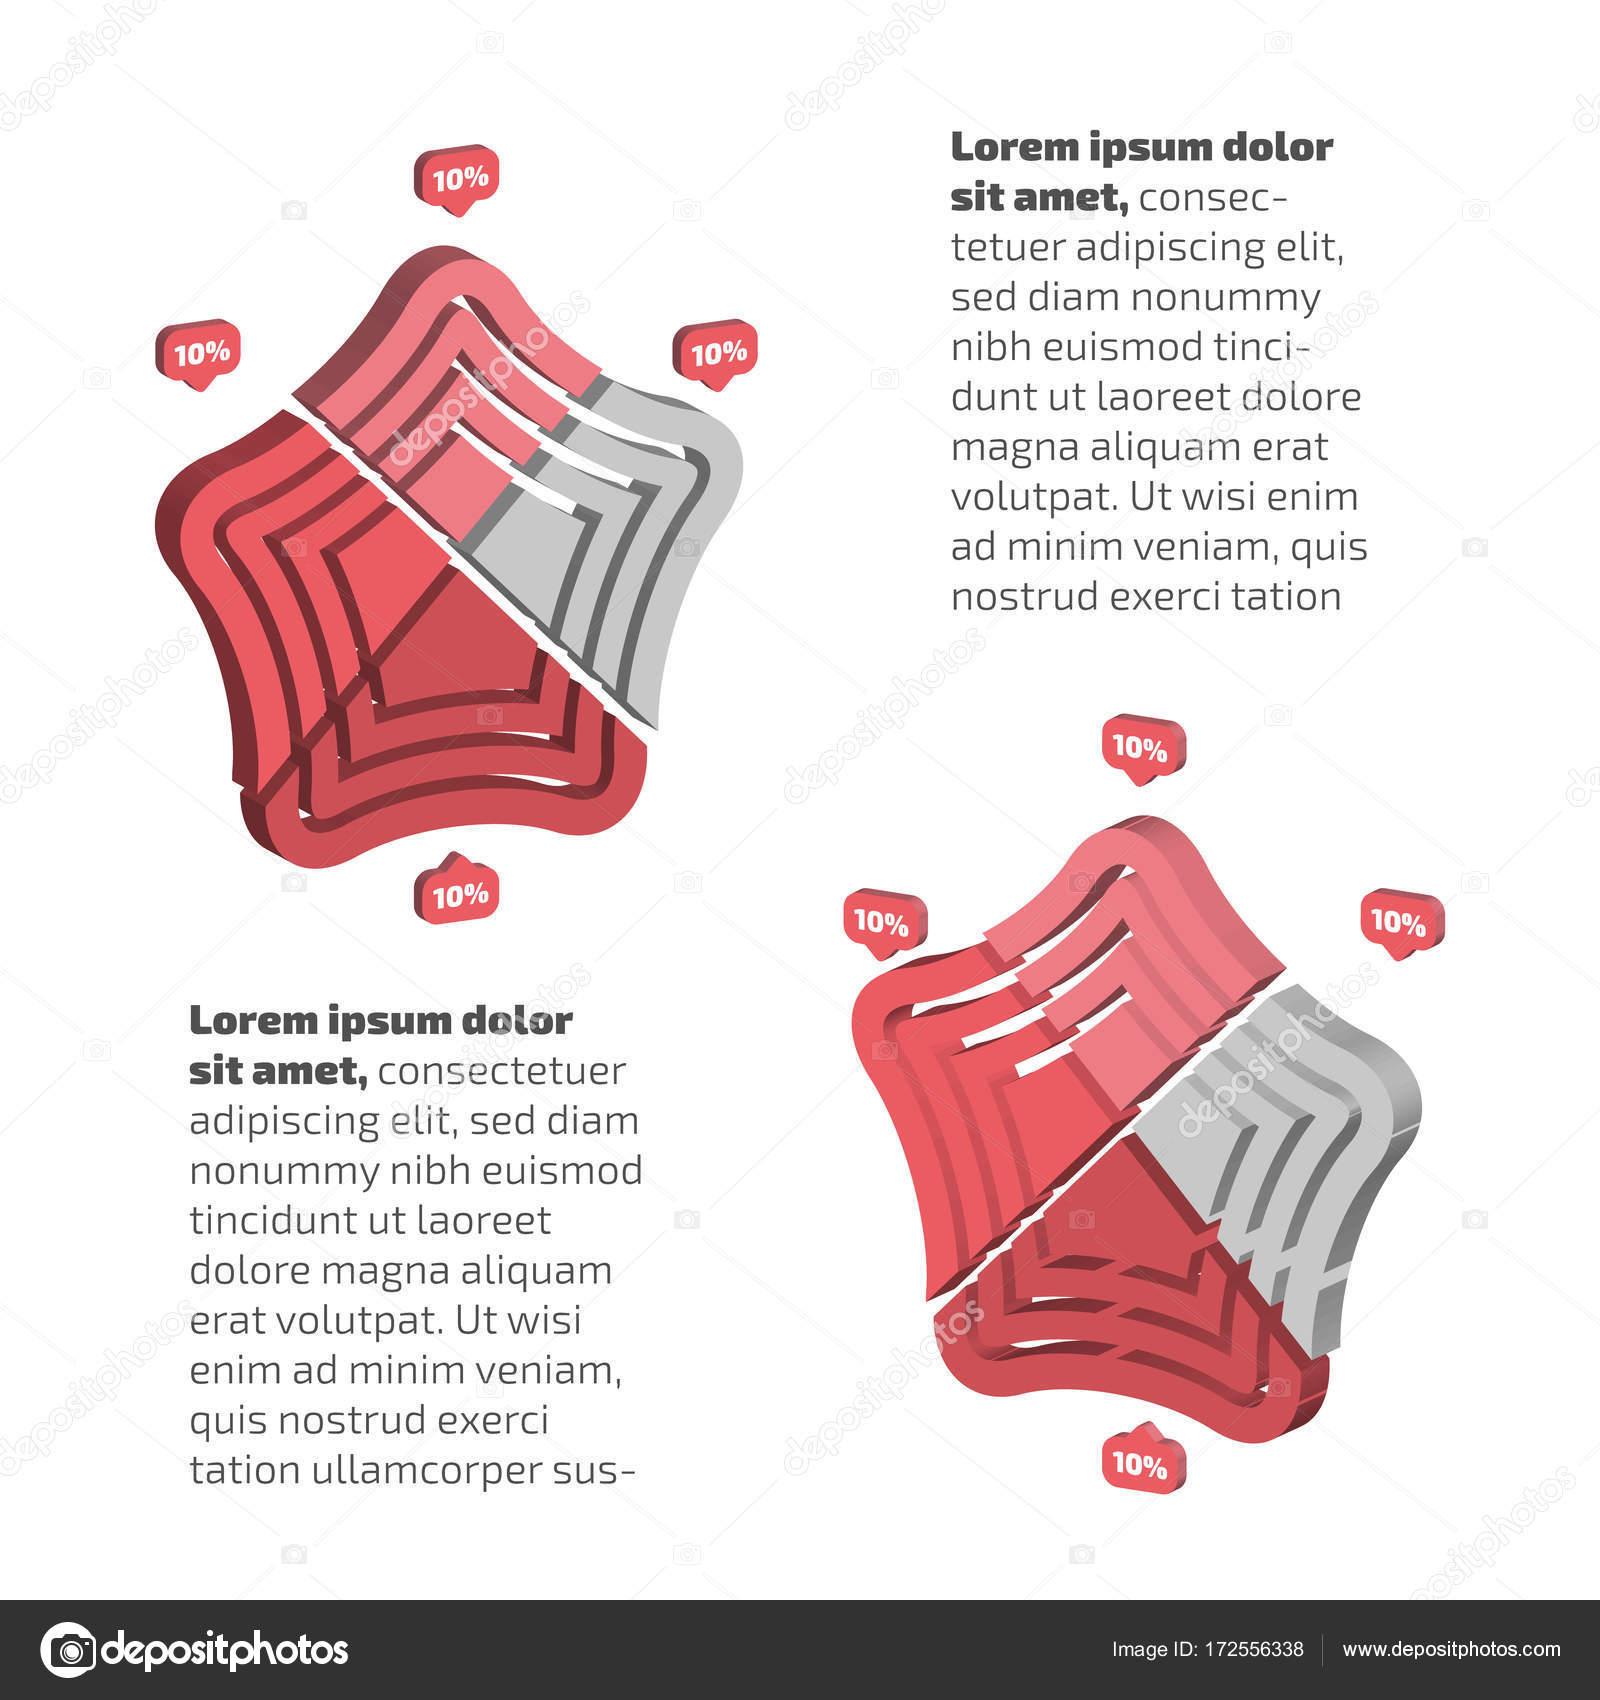 Design plano aranha grfico infogrfico vetores de stock design plano aranha grfico infogrfico vetores de stock ccuart Choice Image